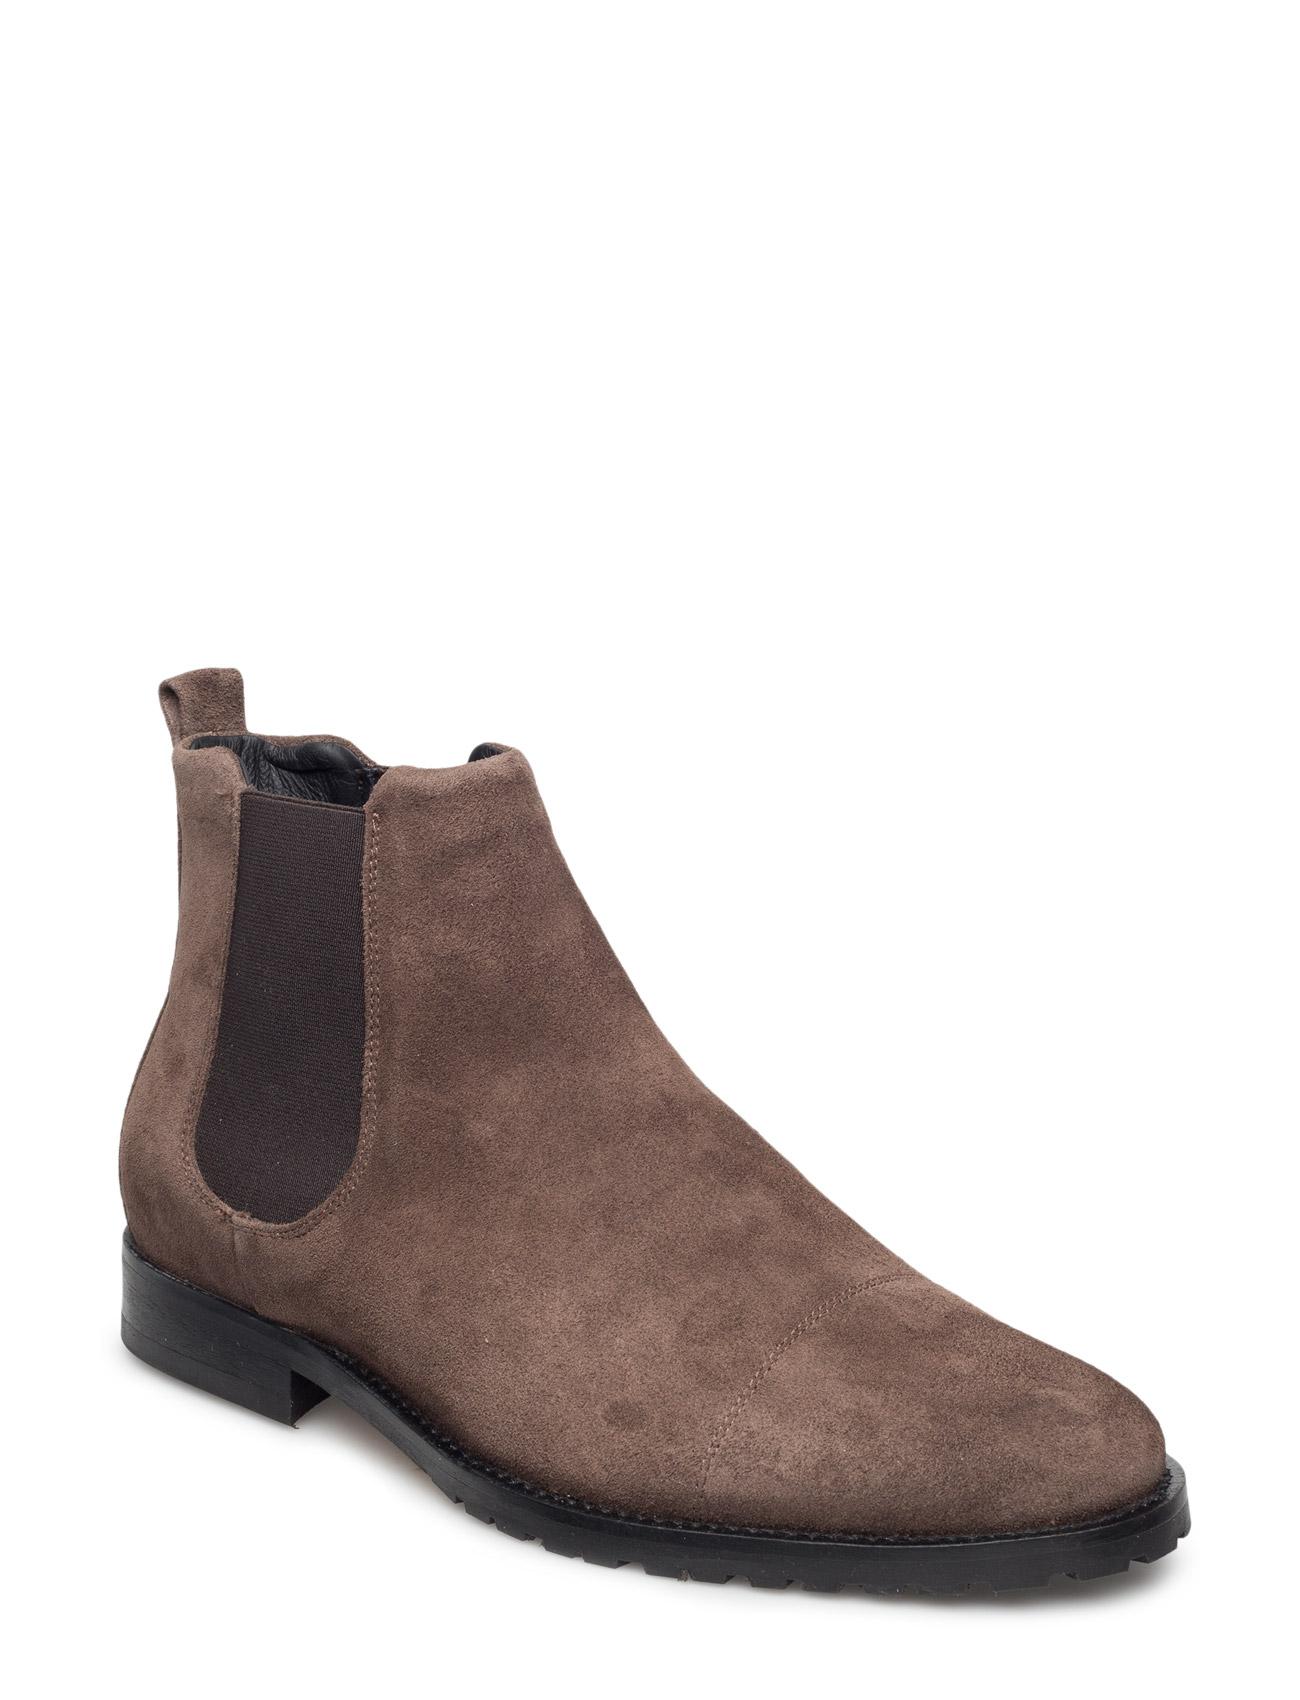 Nano Chelsea Suede Royal RepubliQ Støvler til Mænd i